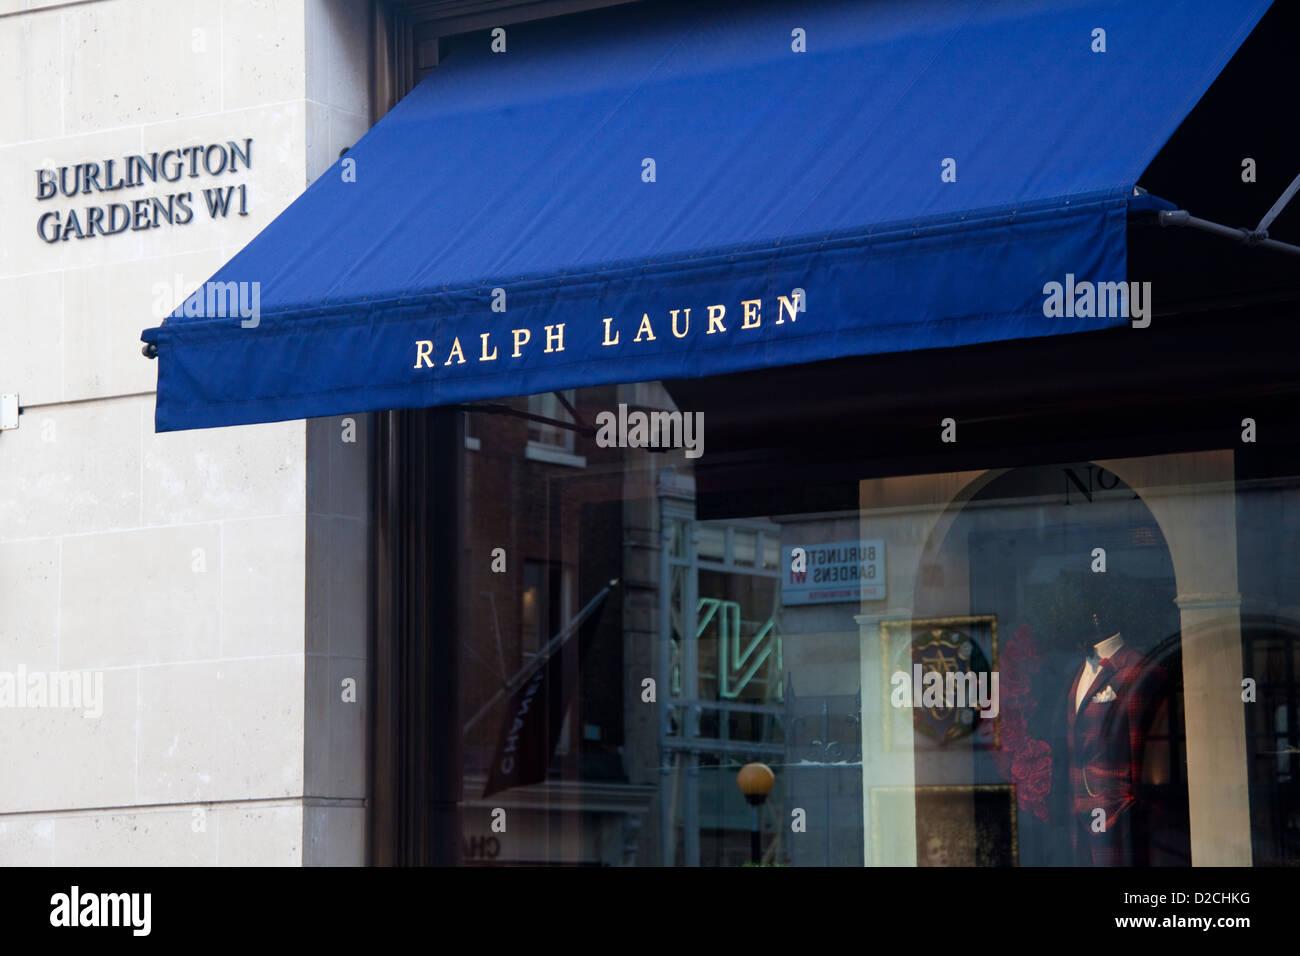 Ralph Lauren, Mode-Einzelhändler, Ecke des Burlington Gardens und Old Bond  Street, 7d9c524593